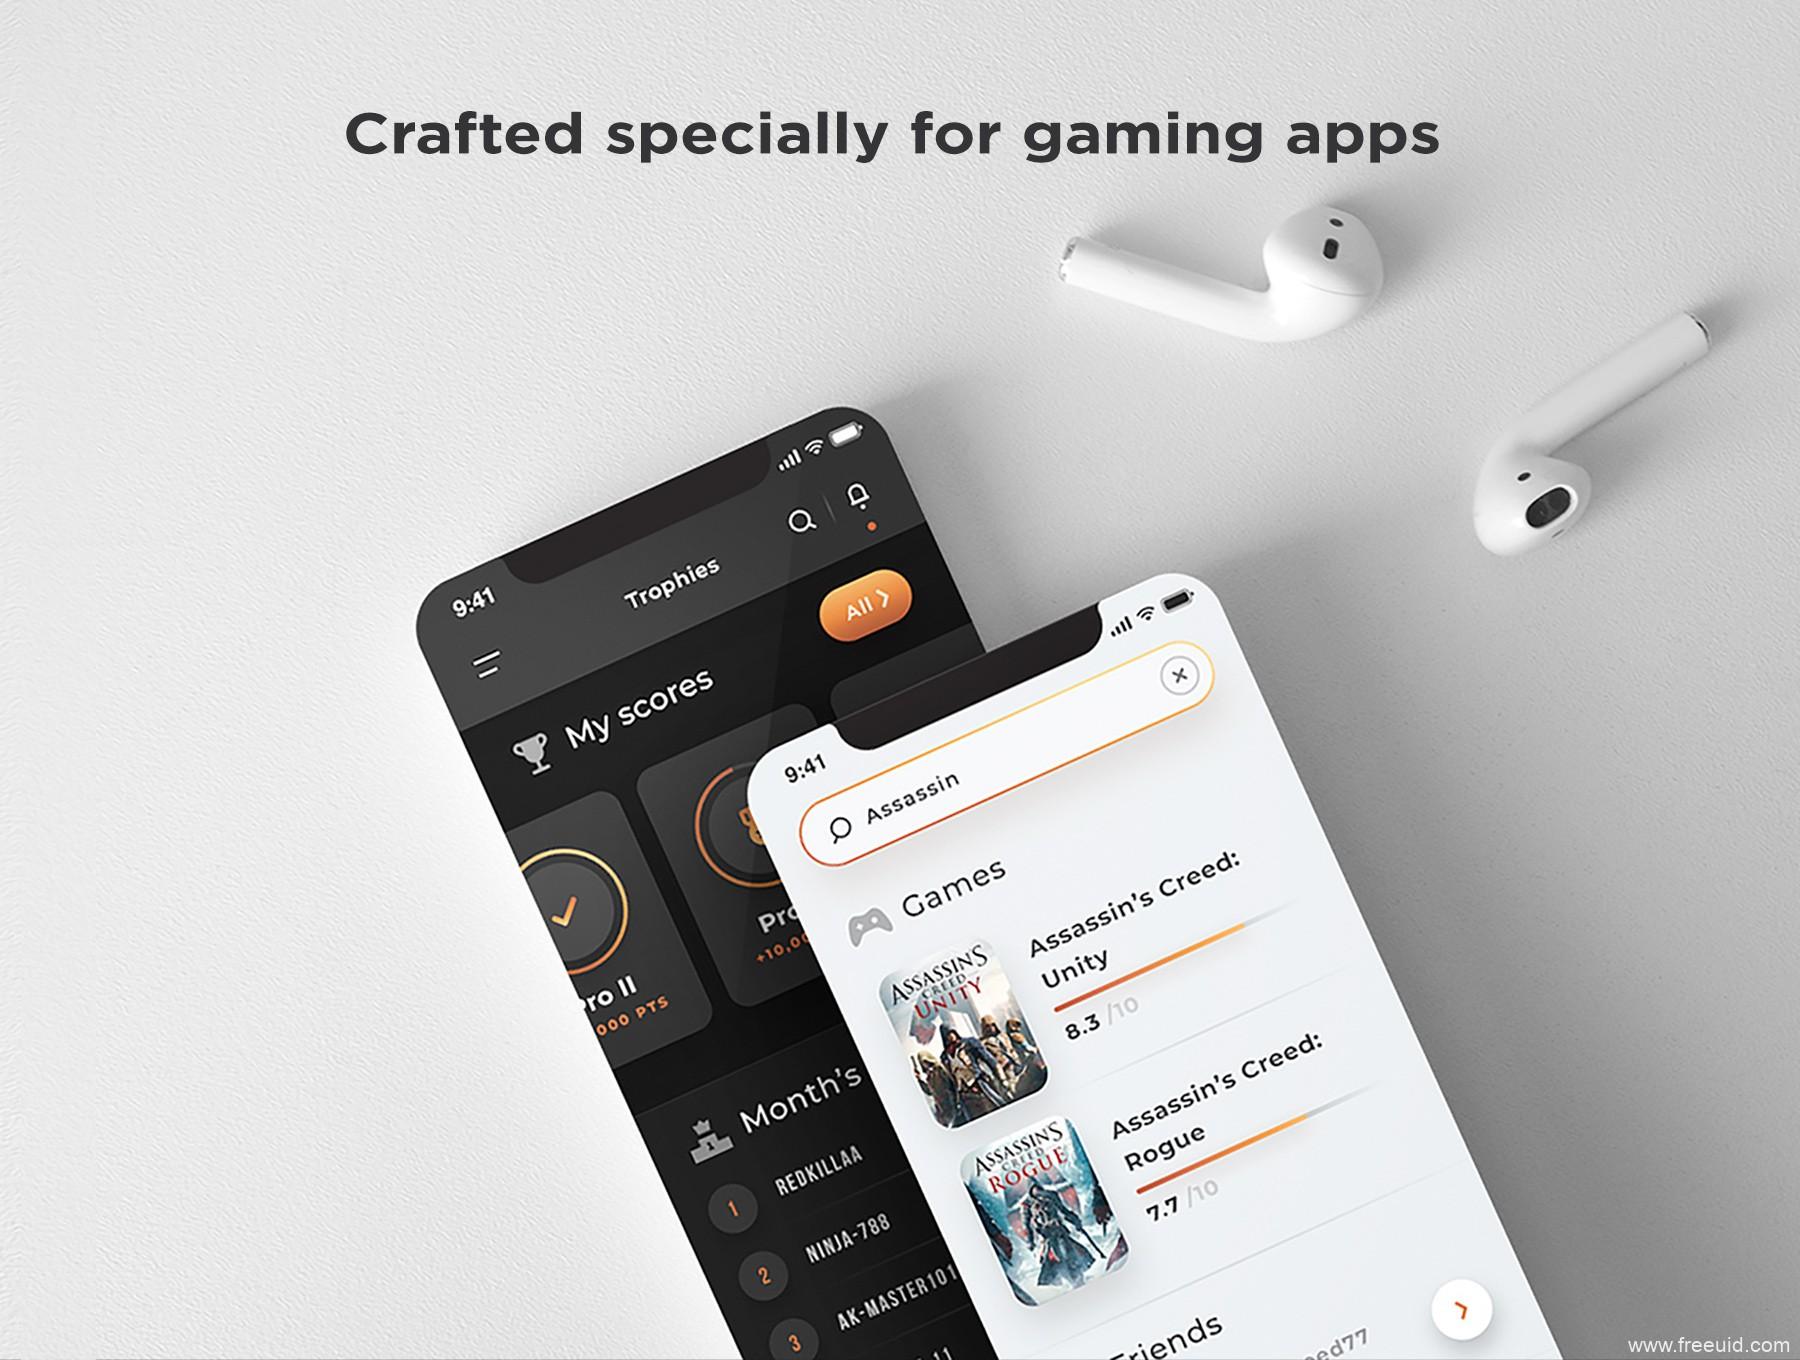 精品推荐:黑白双色游戏社交App UI源文件,游戏资讯UI资源下载,游戏社区UI素材xd源文件、psd源文件